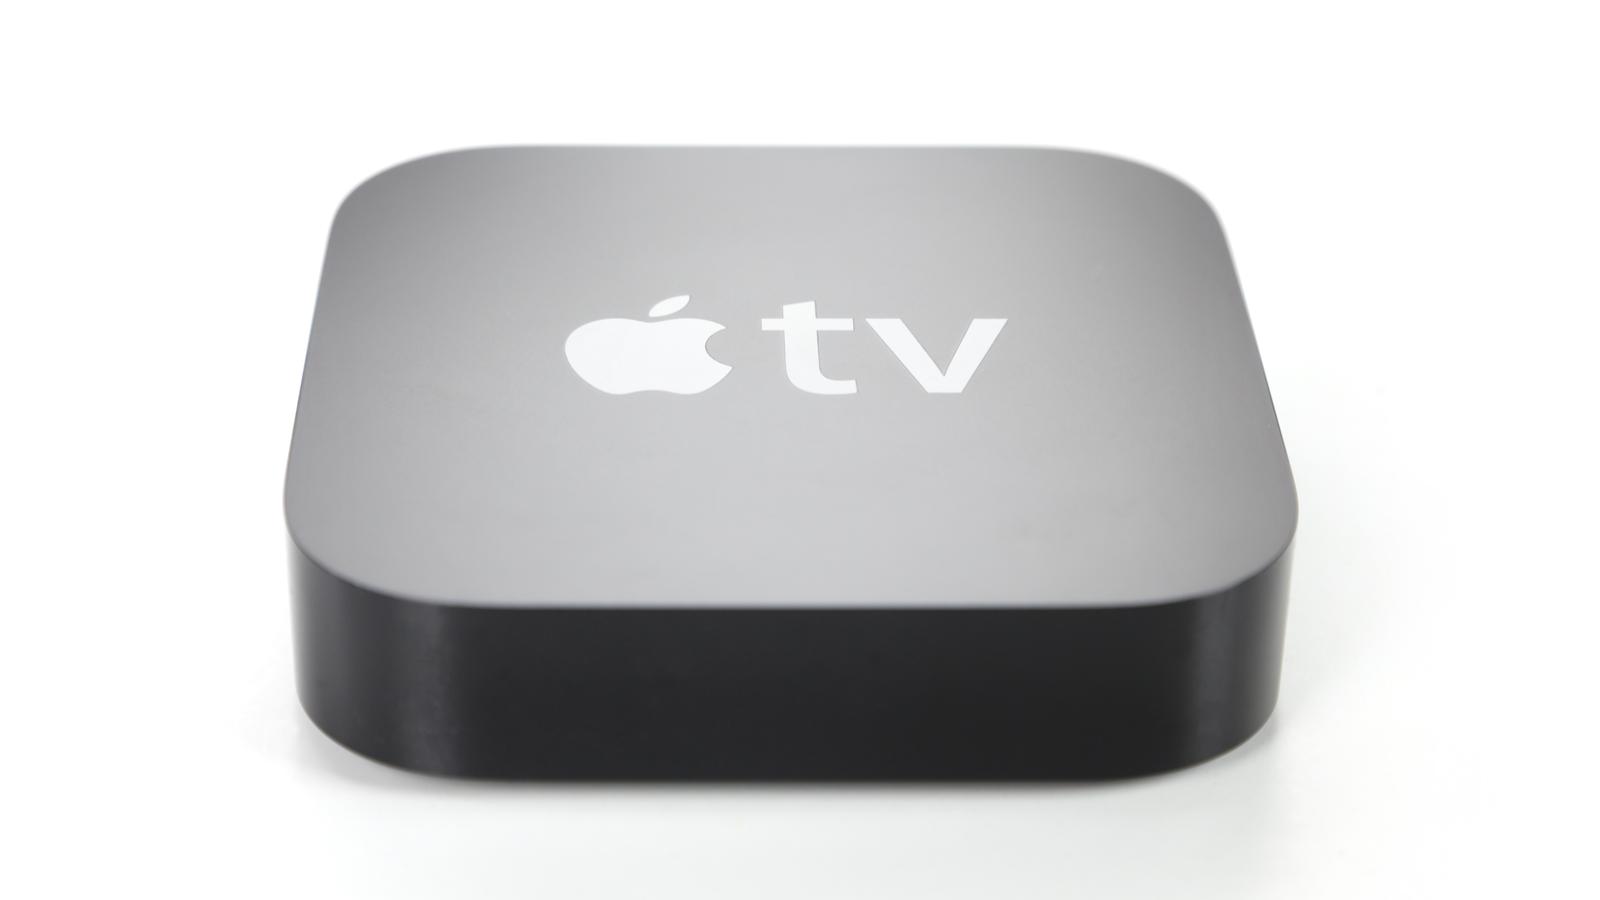 An Apple TV.